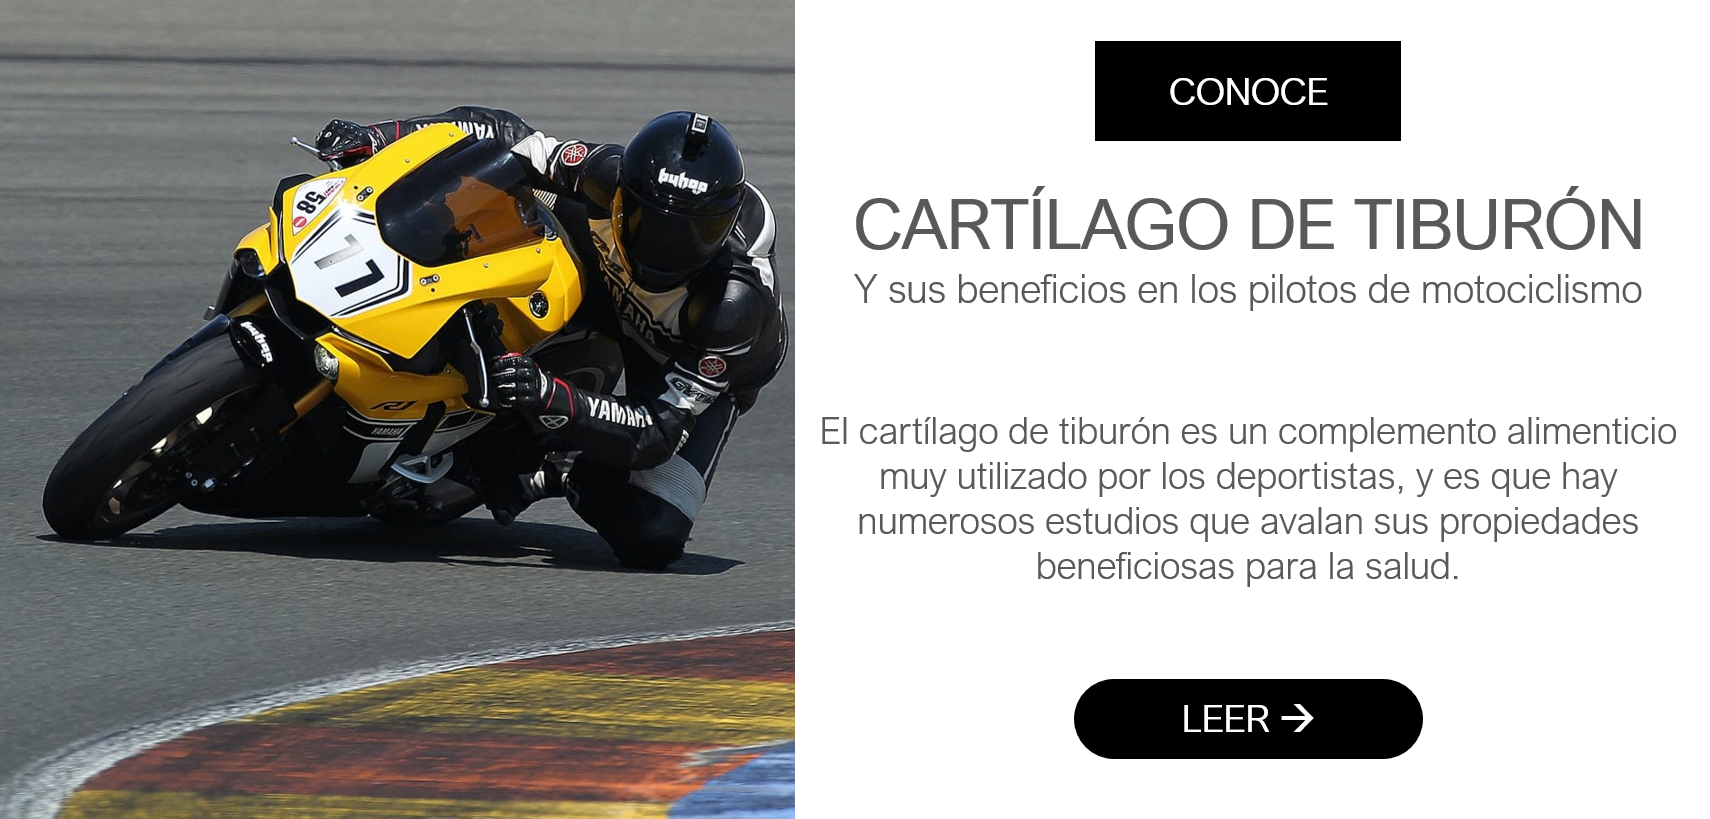 CARTÍLAGO DE TIBURÓN Y SUS BENEFICIOS EN LOS PILOTOS DE MOTOCICLISMO